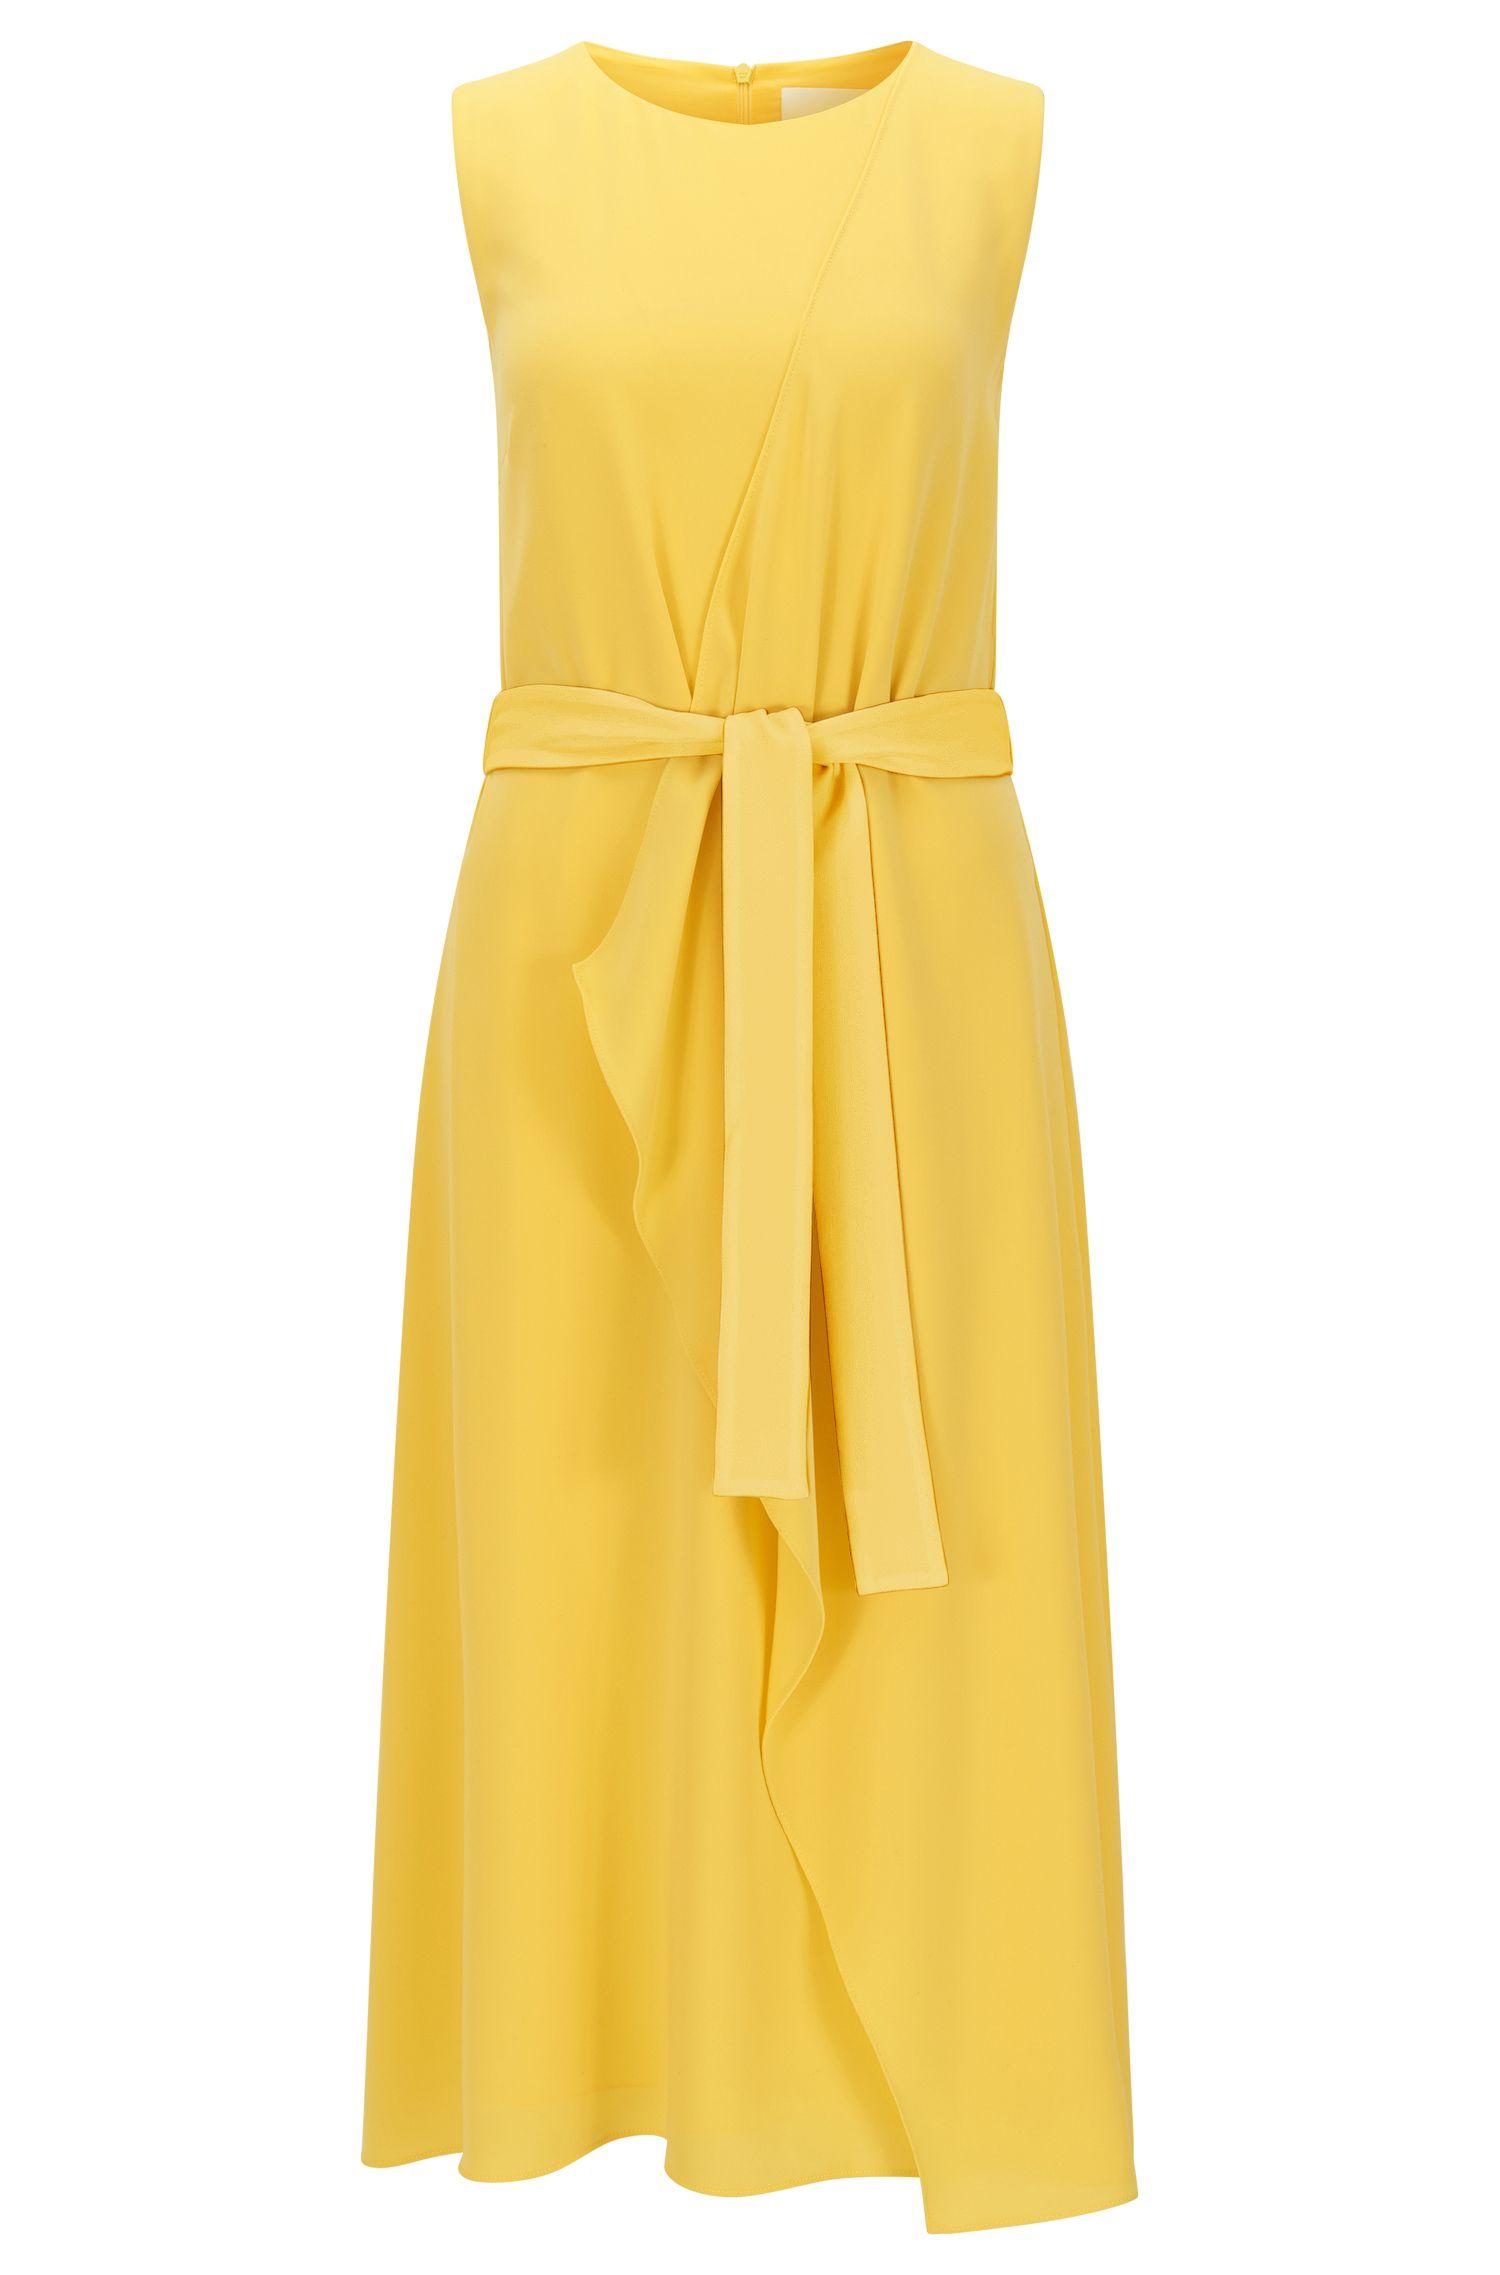 Relaxed-Fit Kleid aus mittelschwerem Gewebe mit Stufendesign